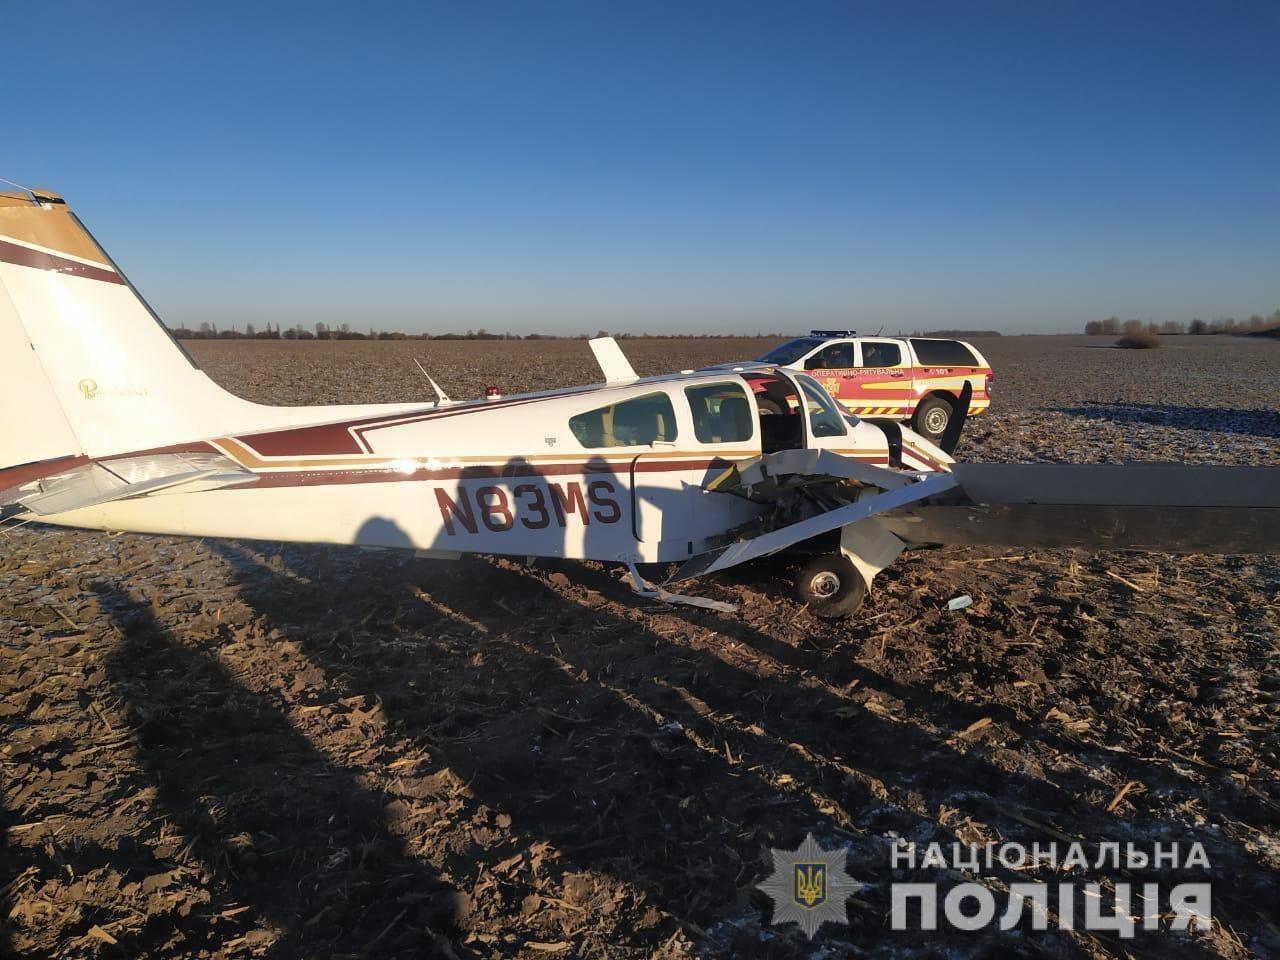 У Броварському районі впав літак: є постраждалі - постраждалі, літаки, Літак, Броварський район, авіакатастрофа - 06 samolet2